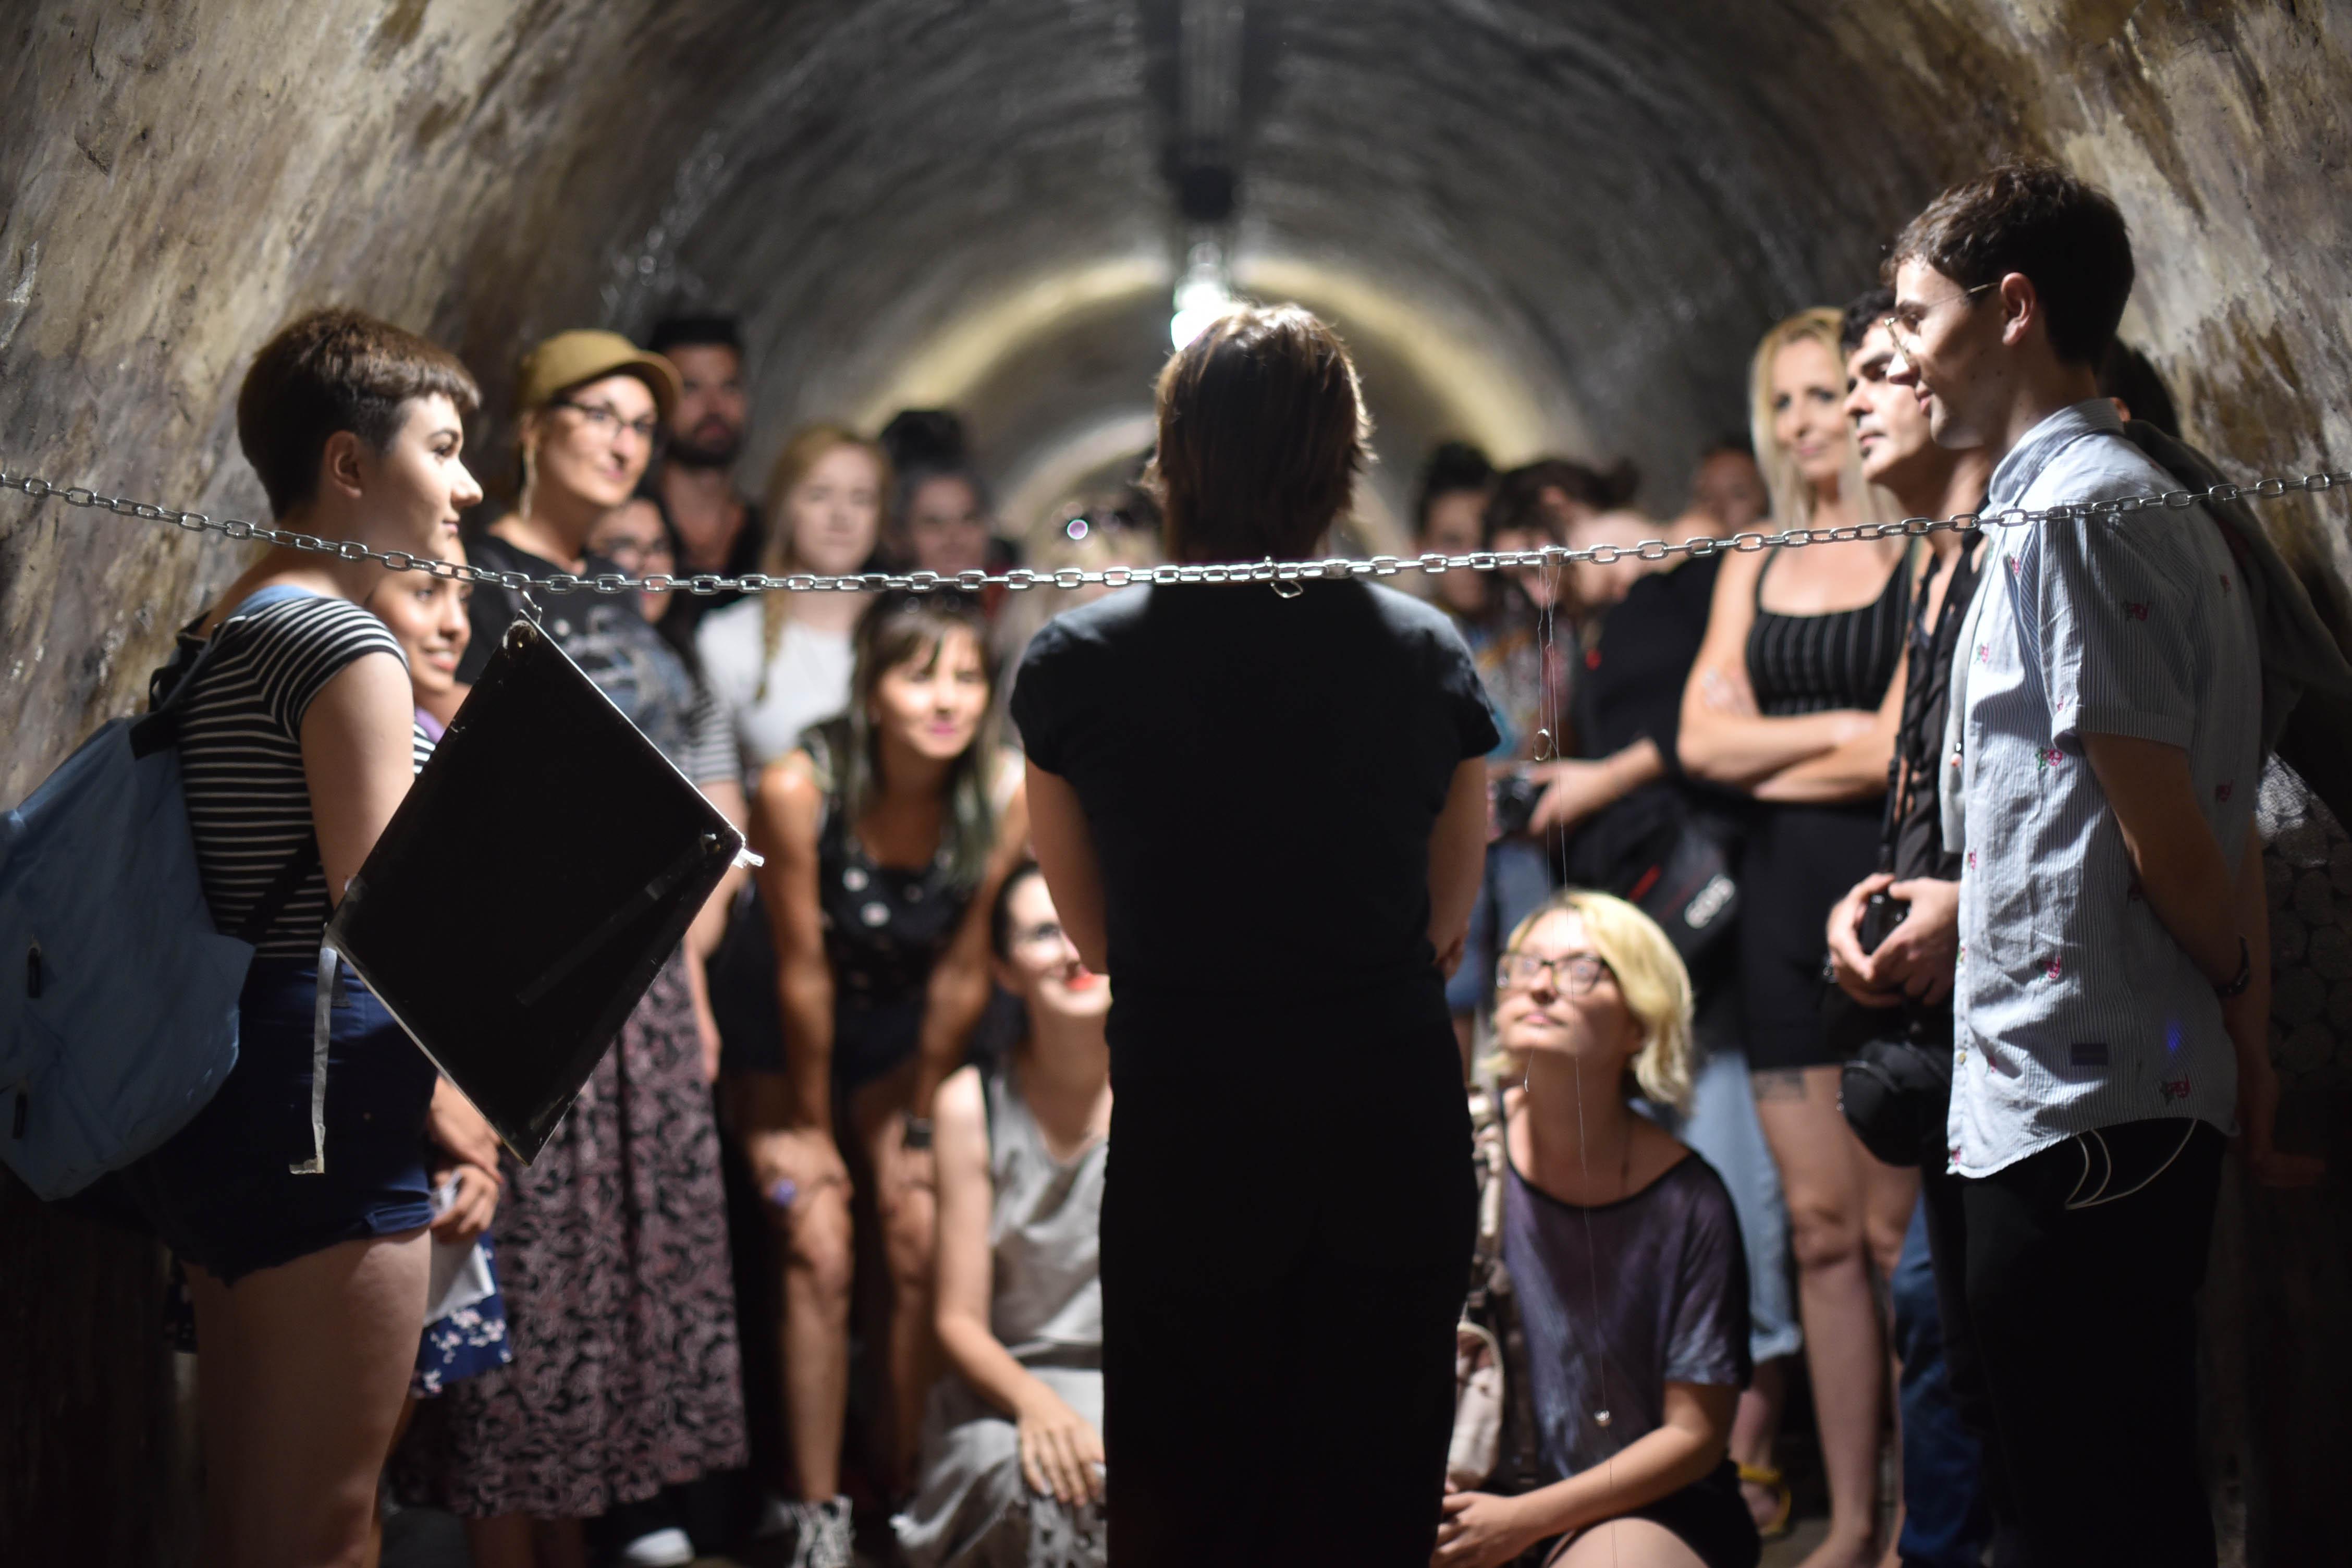 Taller de Performance y Creación Escénica. Colectivo Ameno y María Stoyanova.